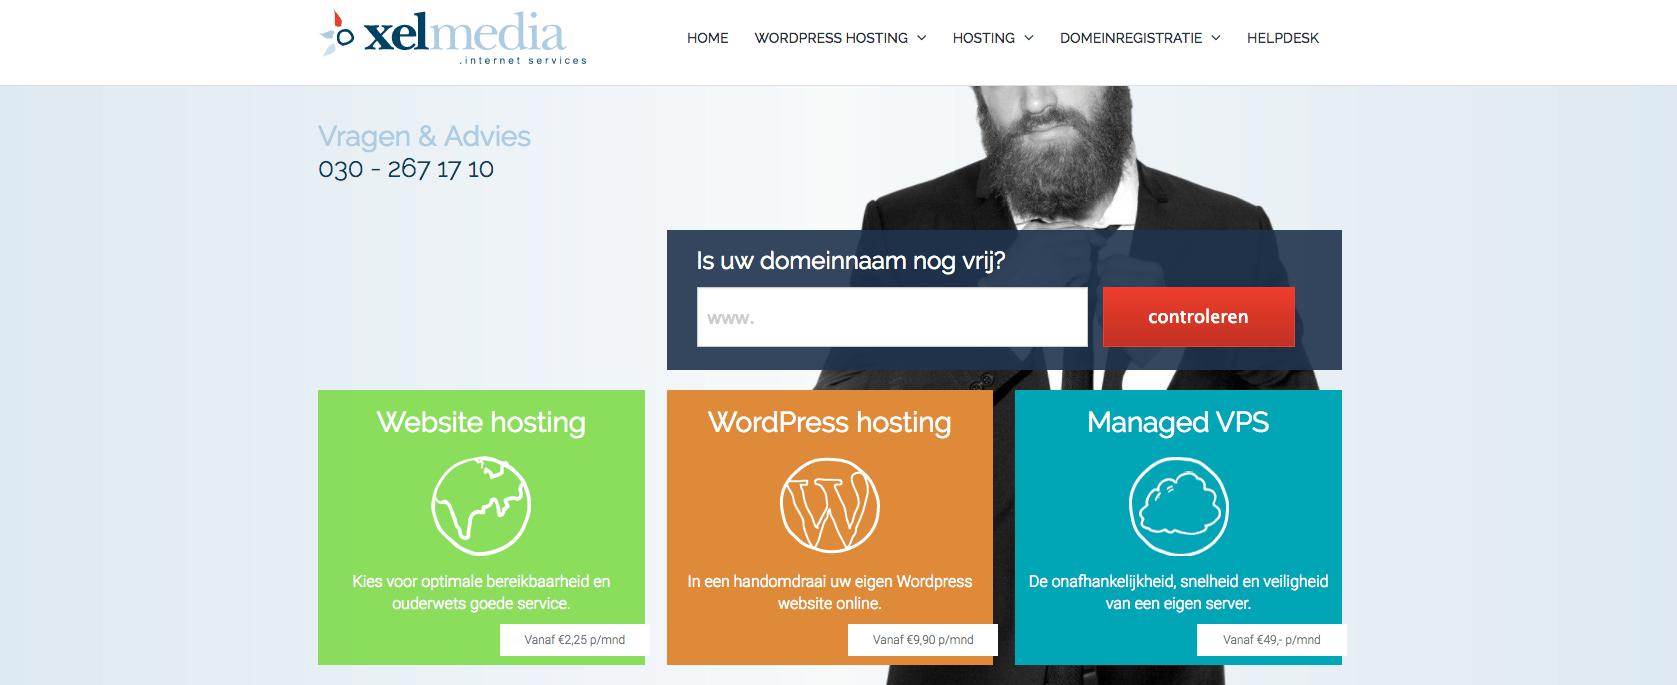 Website hosting   domeinregistratie   Xel Media 1